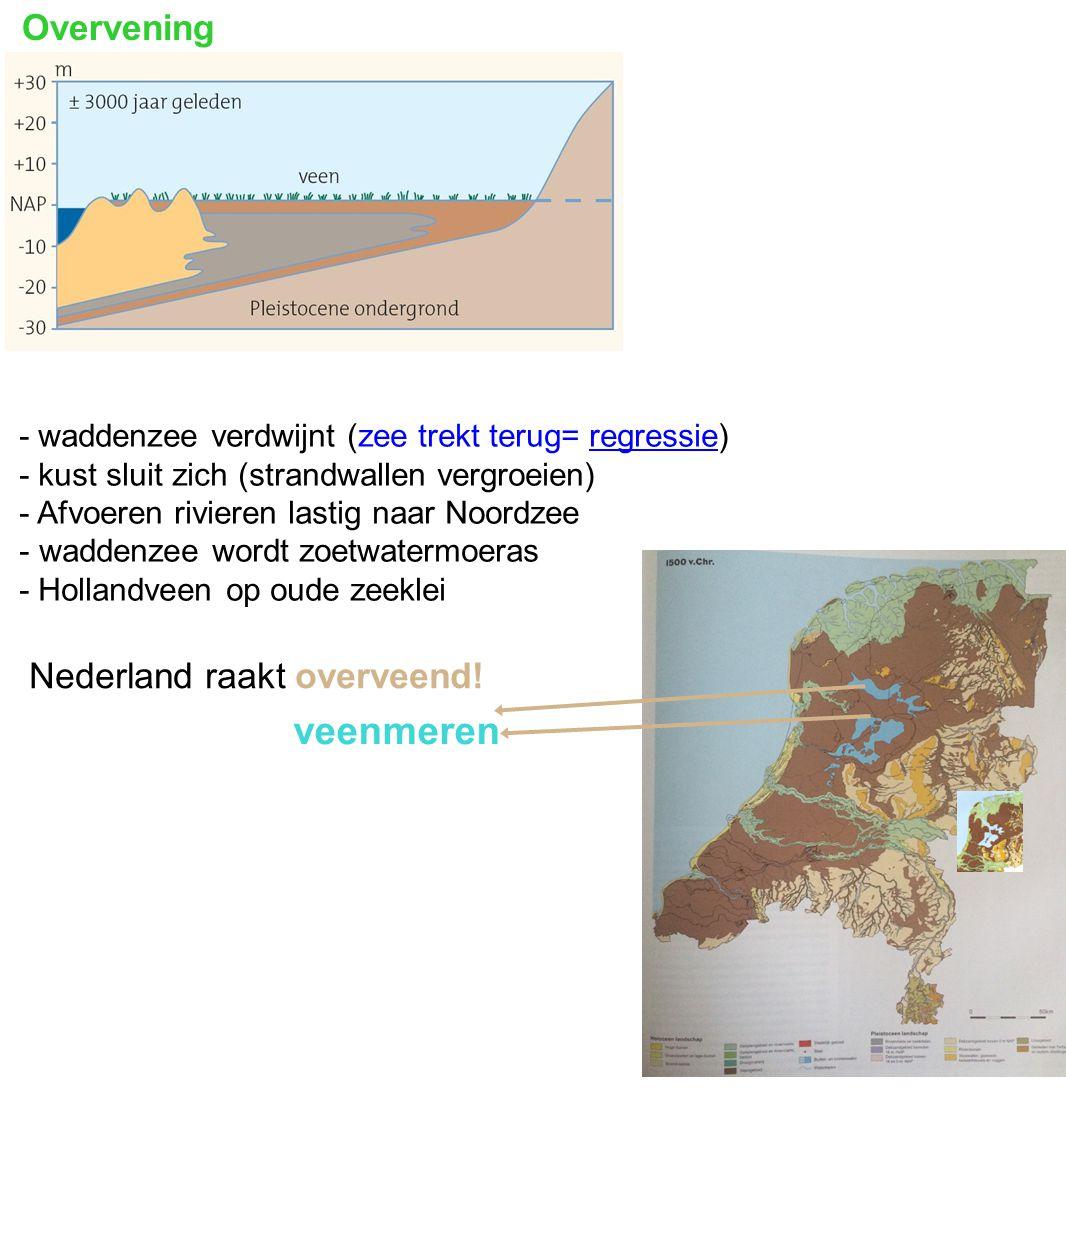 veenmeren Overvening Nederland raakt overveend!